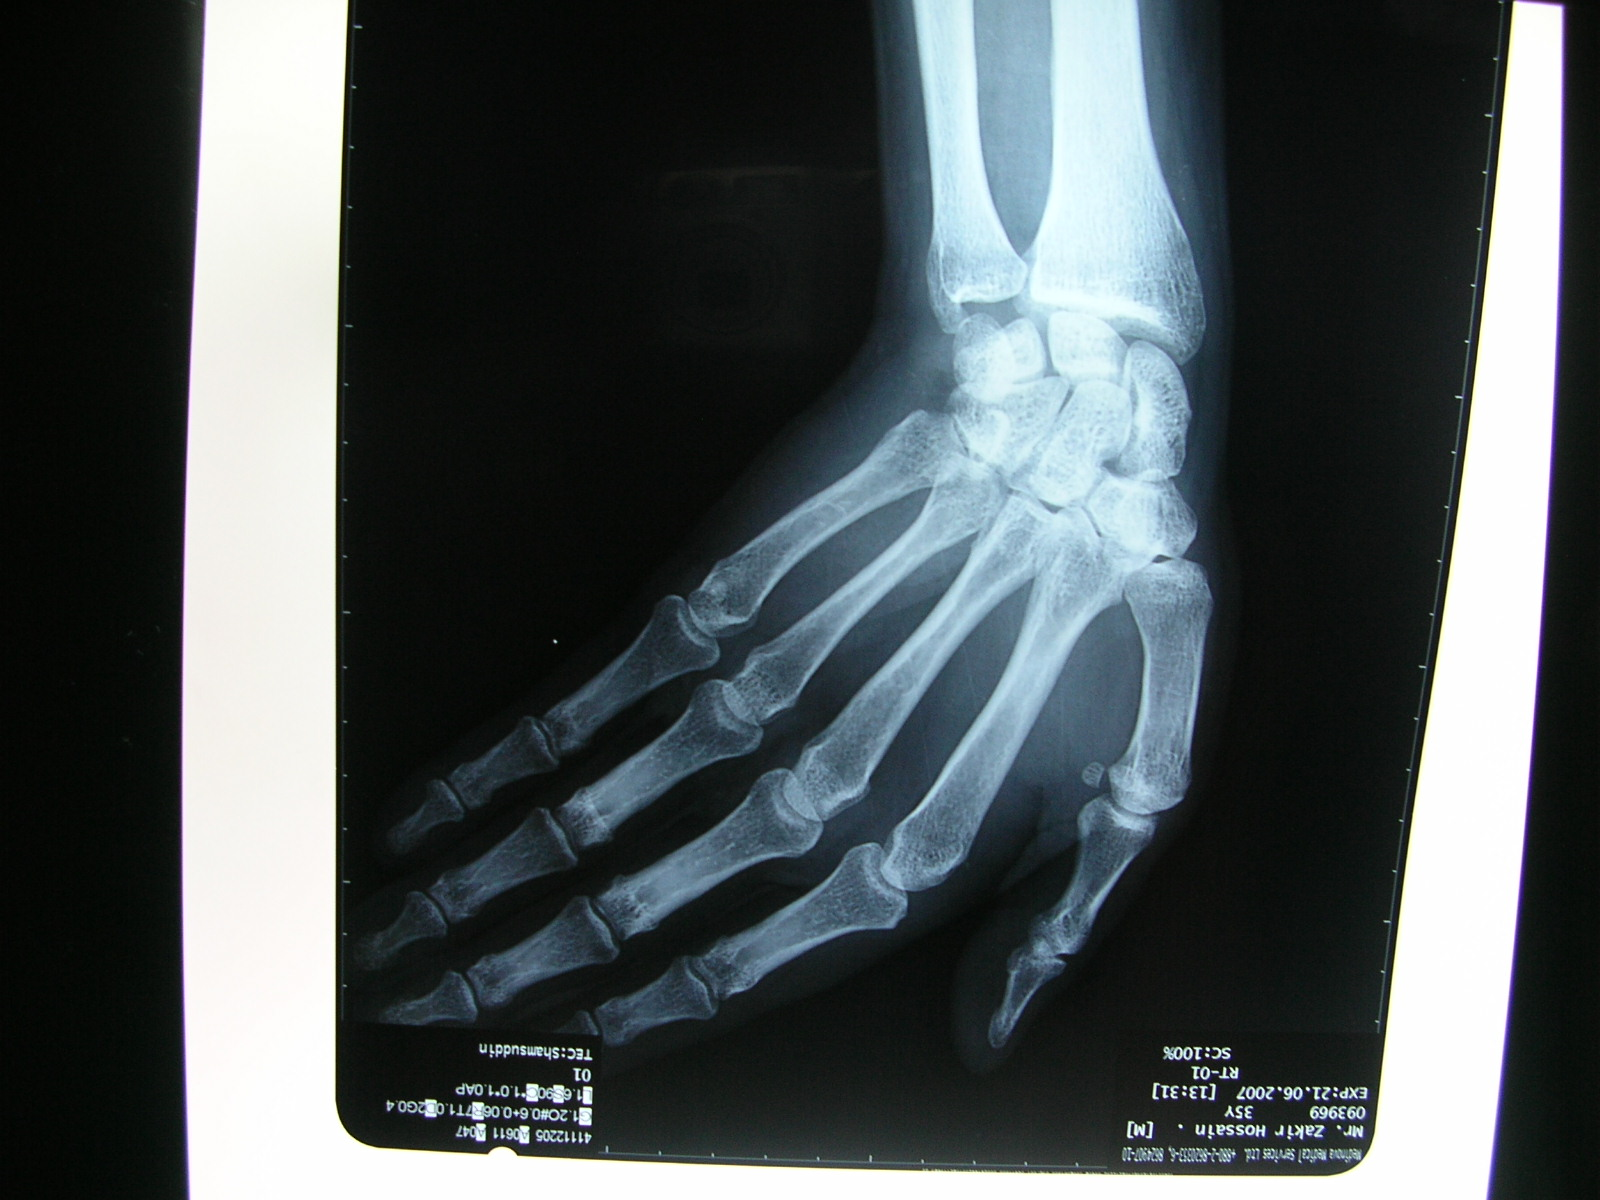 rheumatoid arthritis radiology slideshare